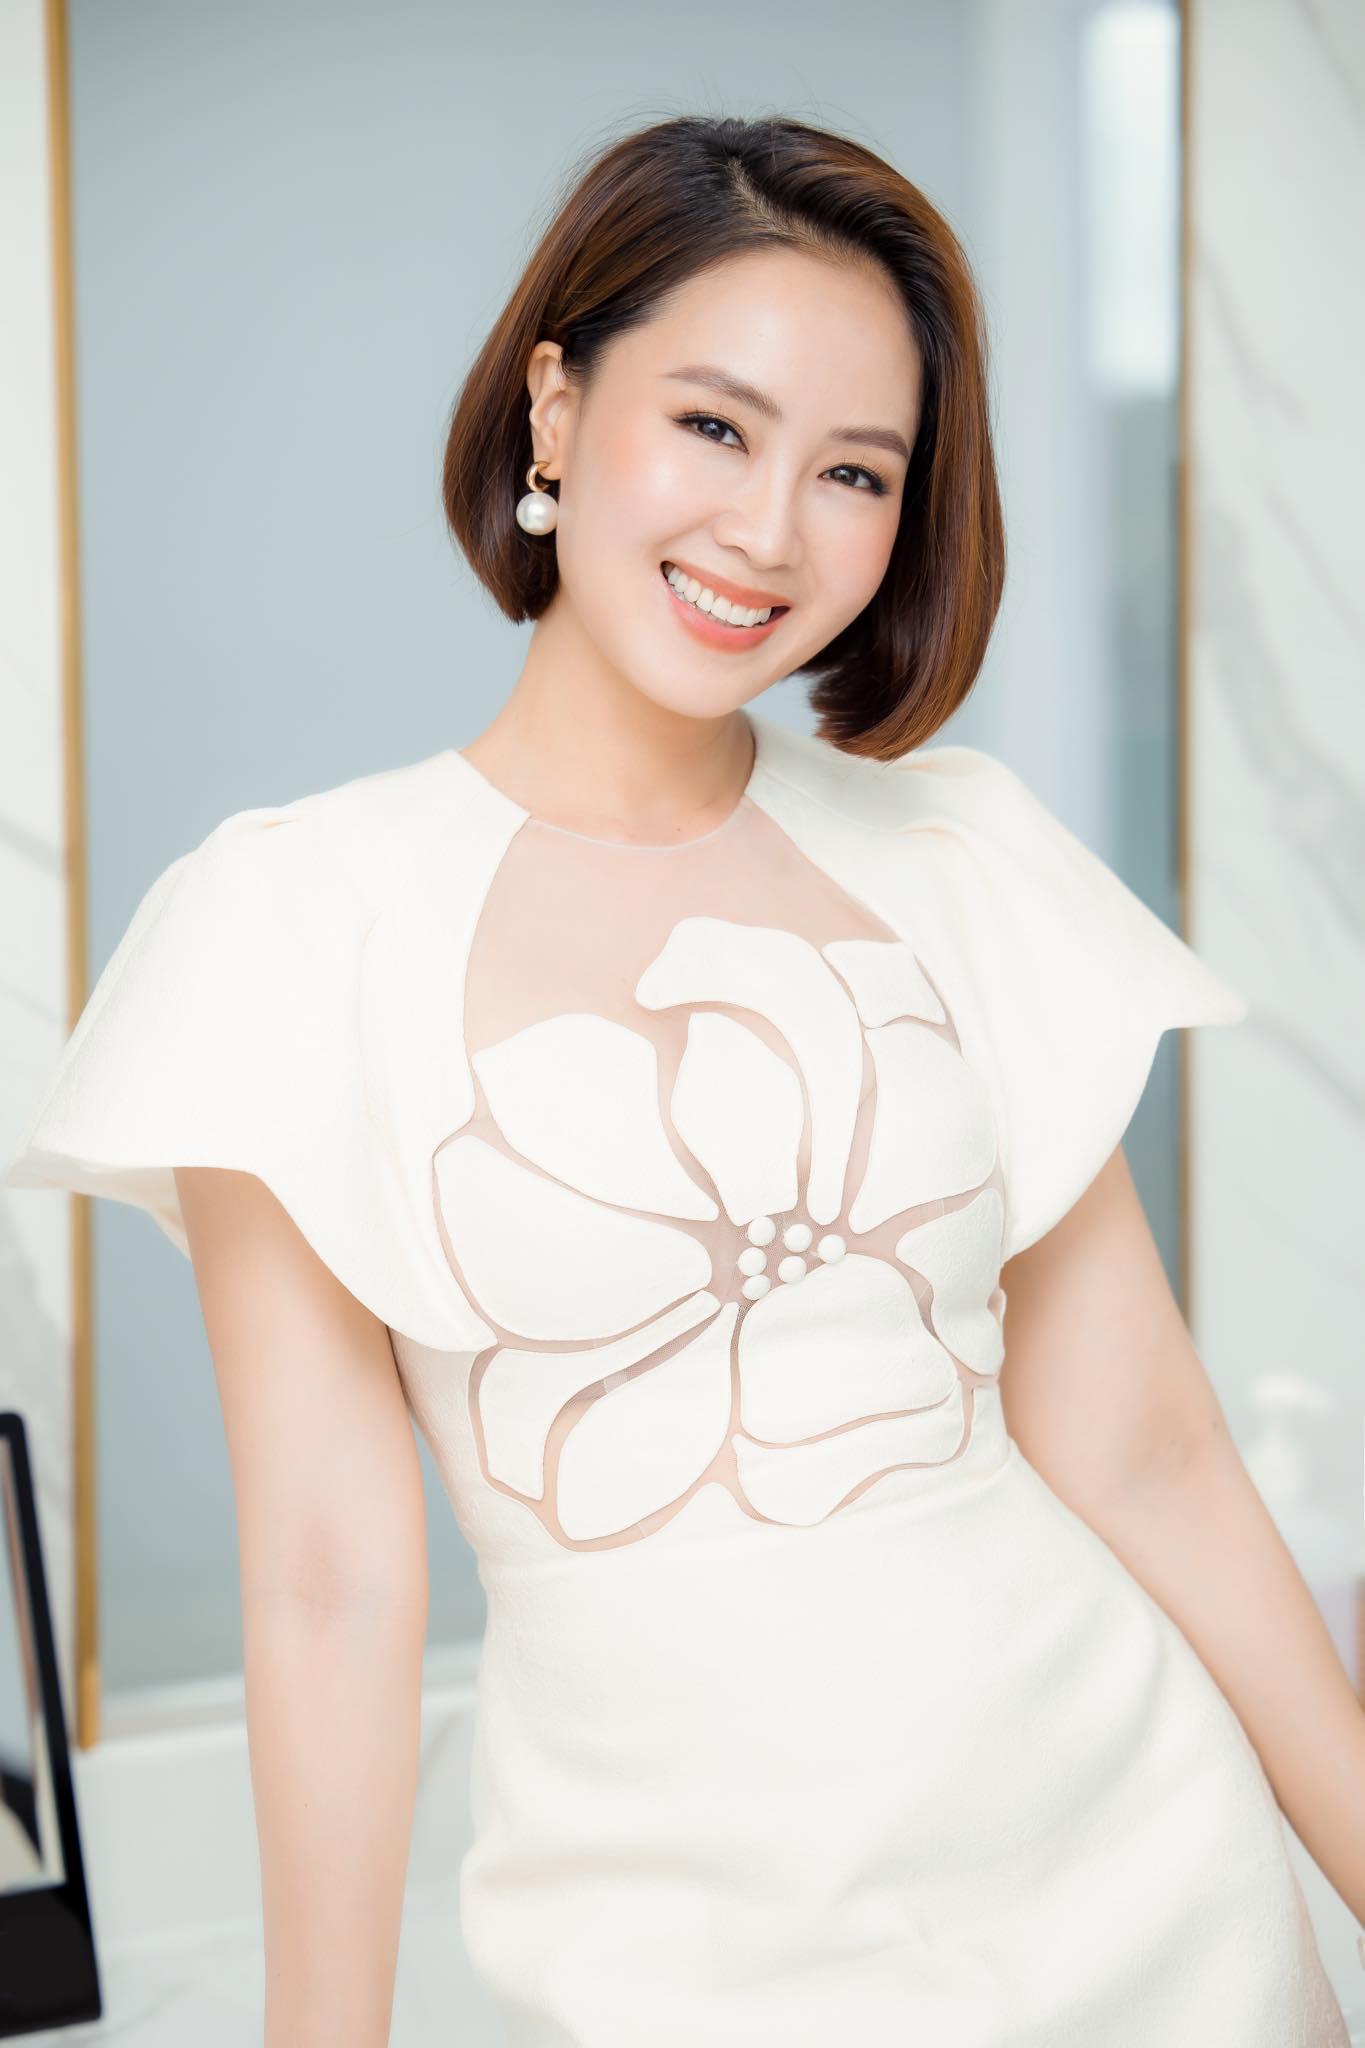 Đông đảo nghệ sĩ gửi lời chúc mừng sinh nhật lần thứ 11 của báo Dân Việt - Ảnh 5.